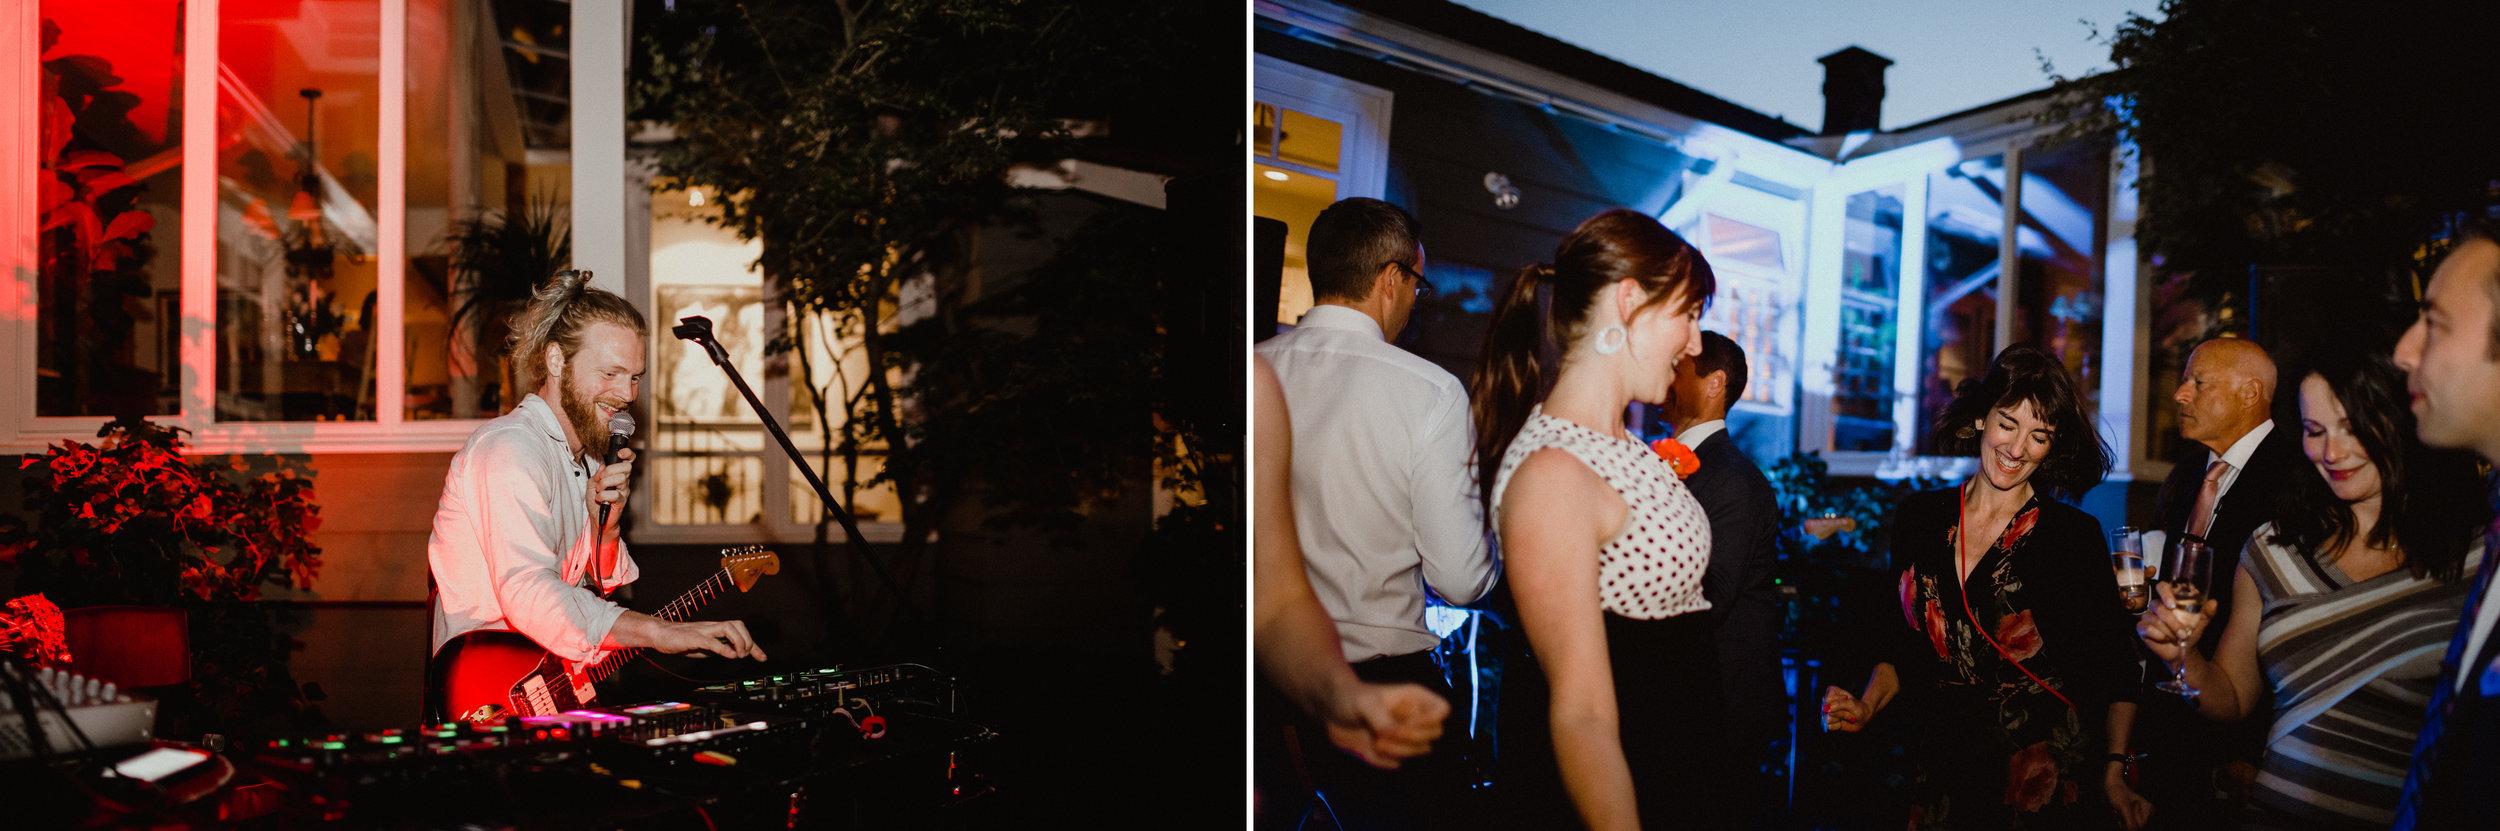 west-vancouver-backyard-wedding-318.jpg